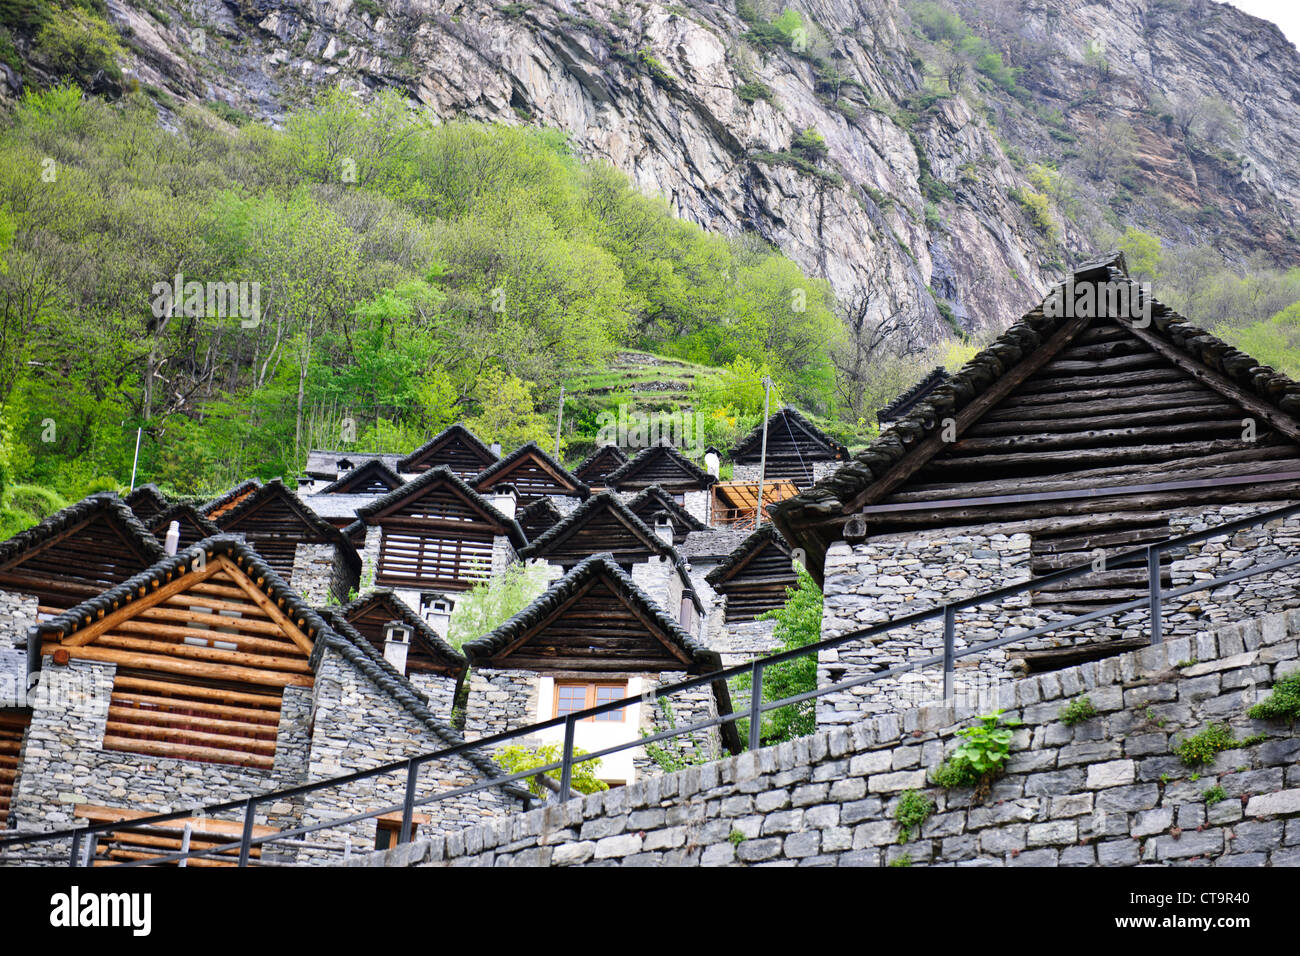 Las dificultades económicas y una población insostenible, muchos agricultores emigraron a Estados Unidos, Brontallo,Val Bavana,cerca de Locarno, Suiza Foto de stock